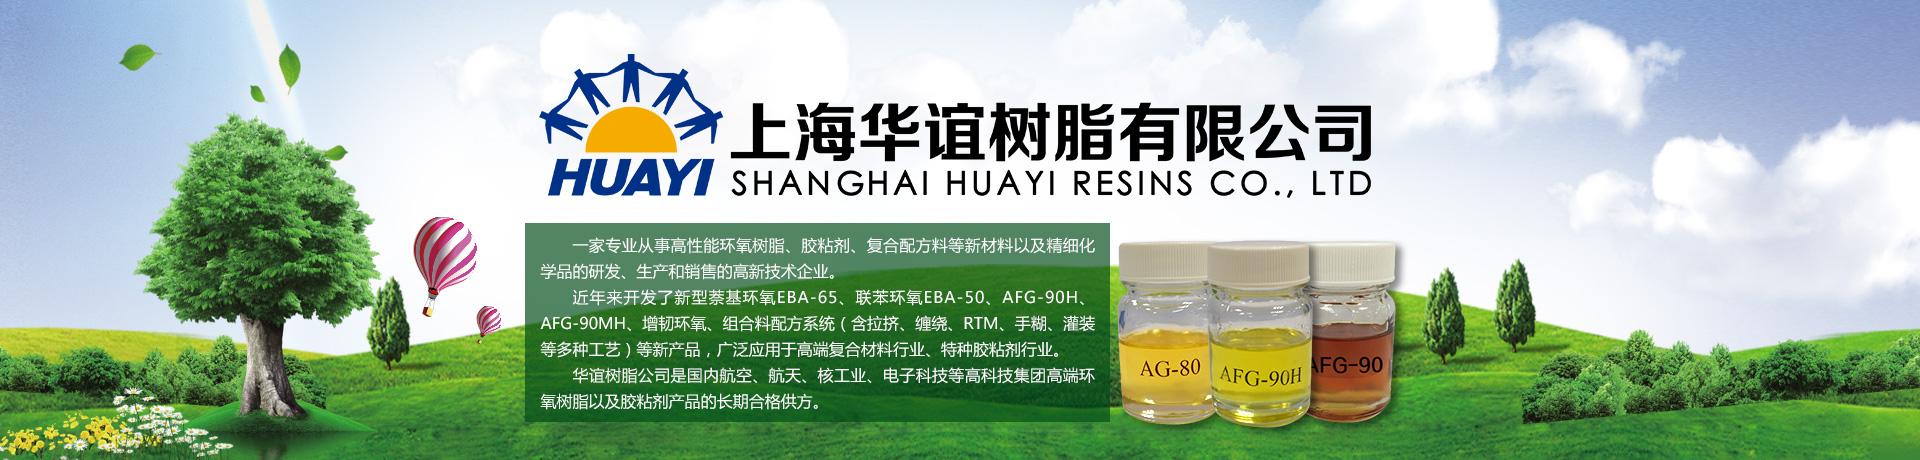 上海华谊树脂有限公司